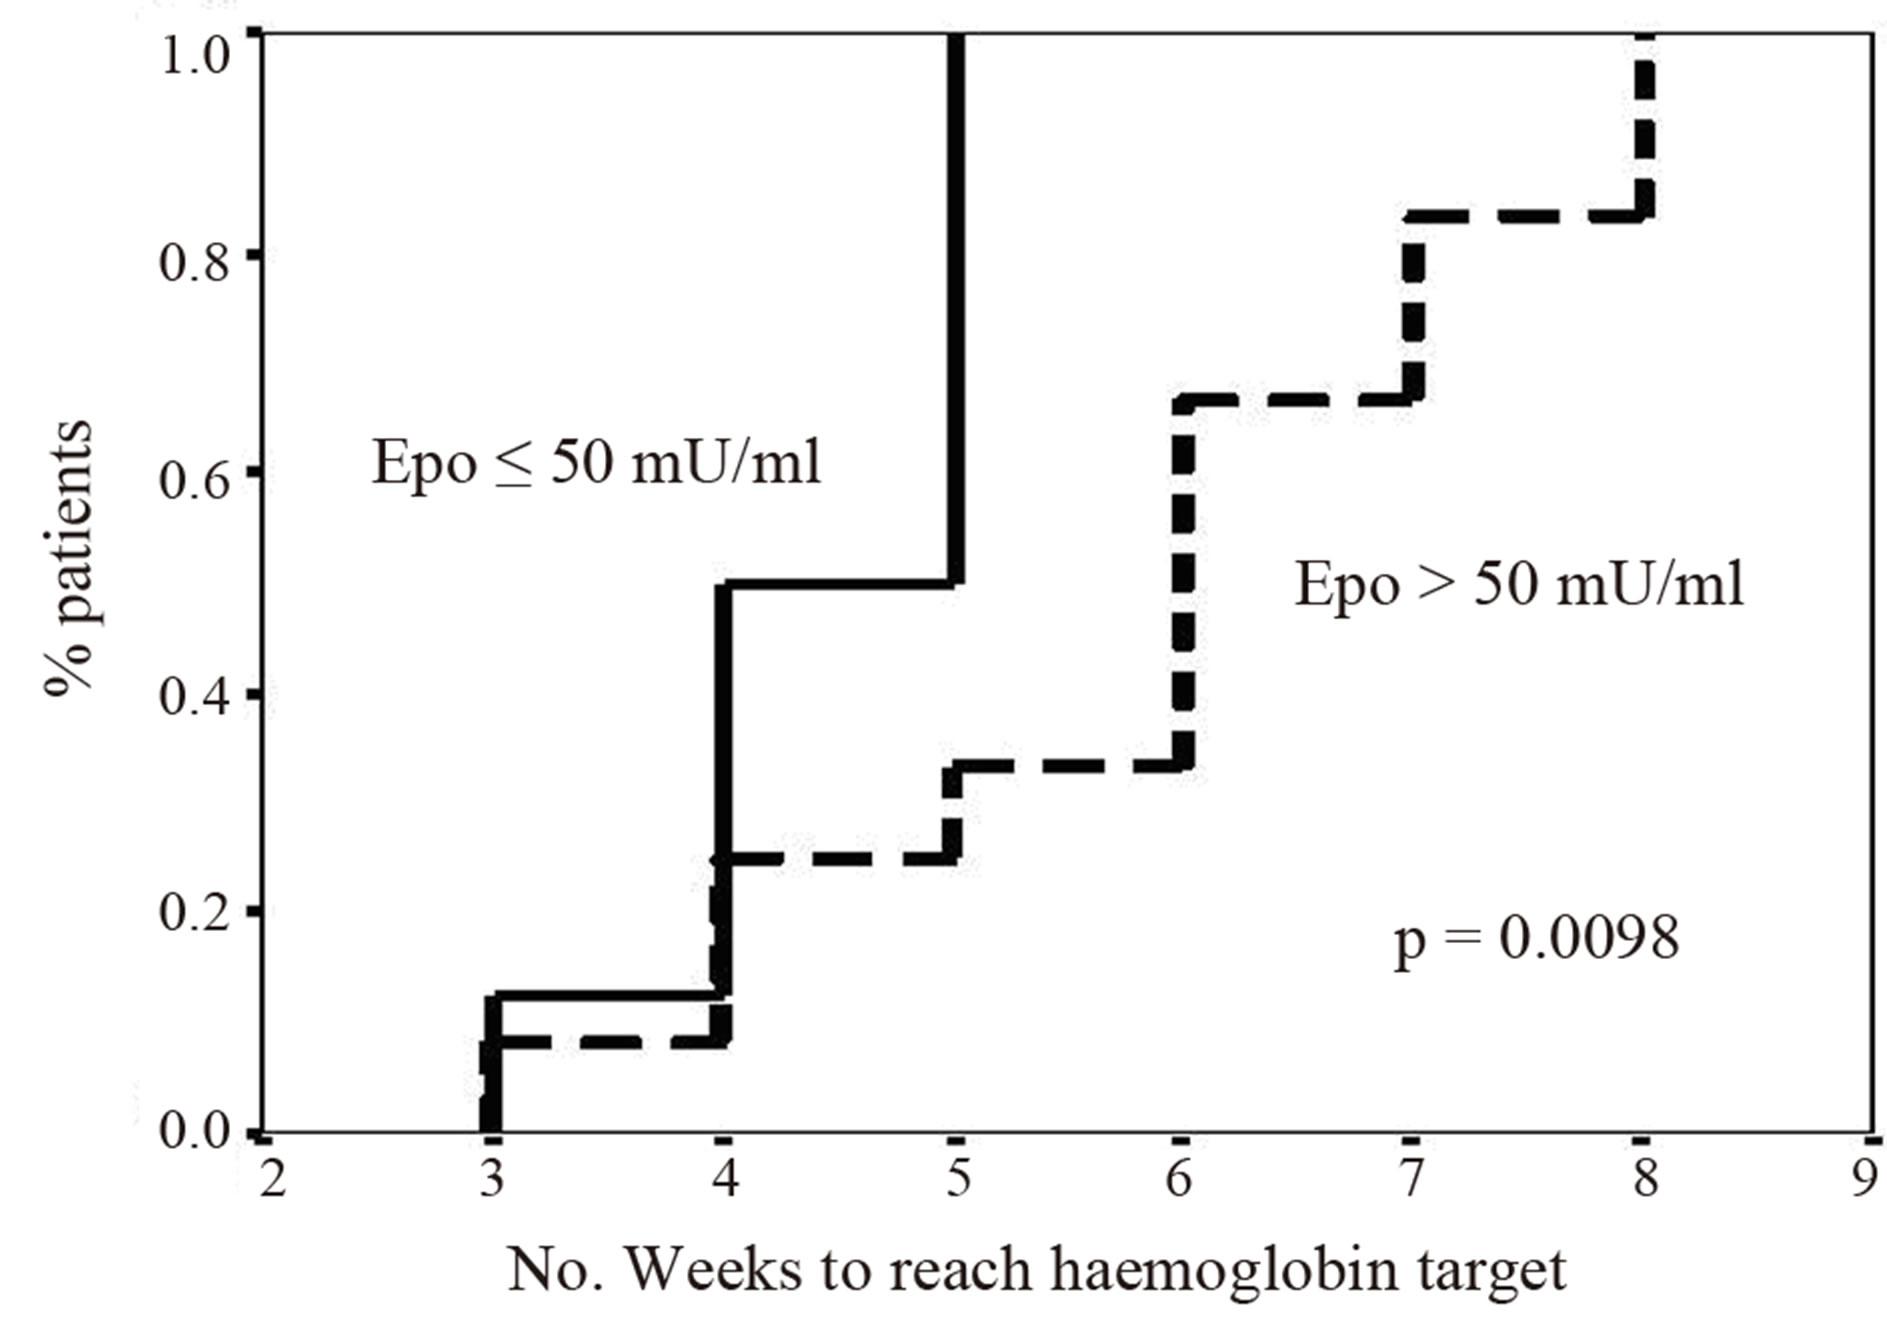 Darbepoietin Alfa After High Dose Melphalan And Autologous